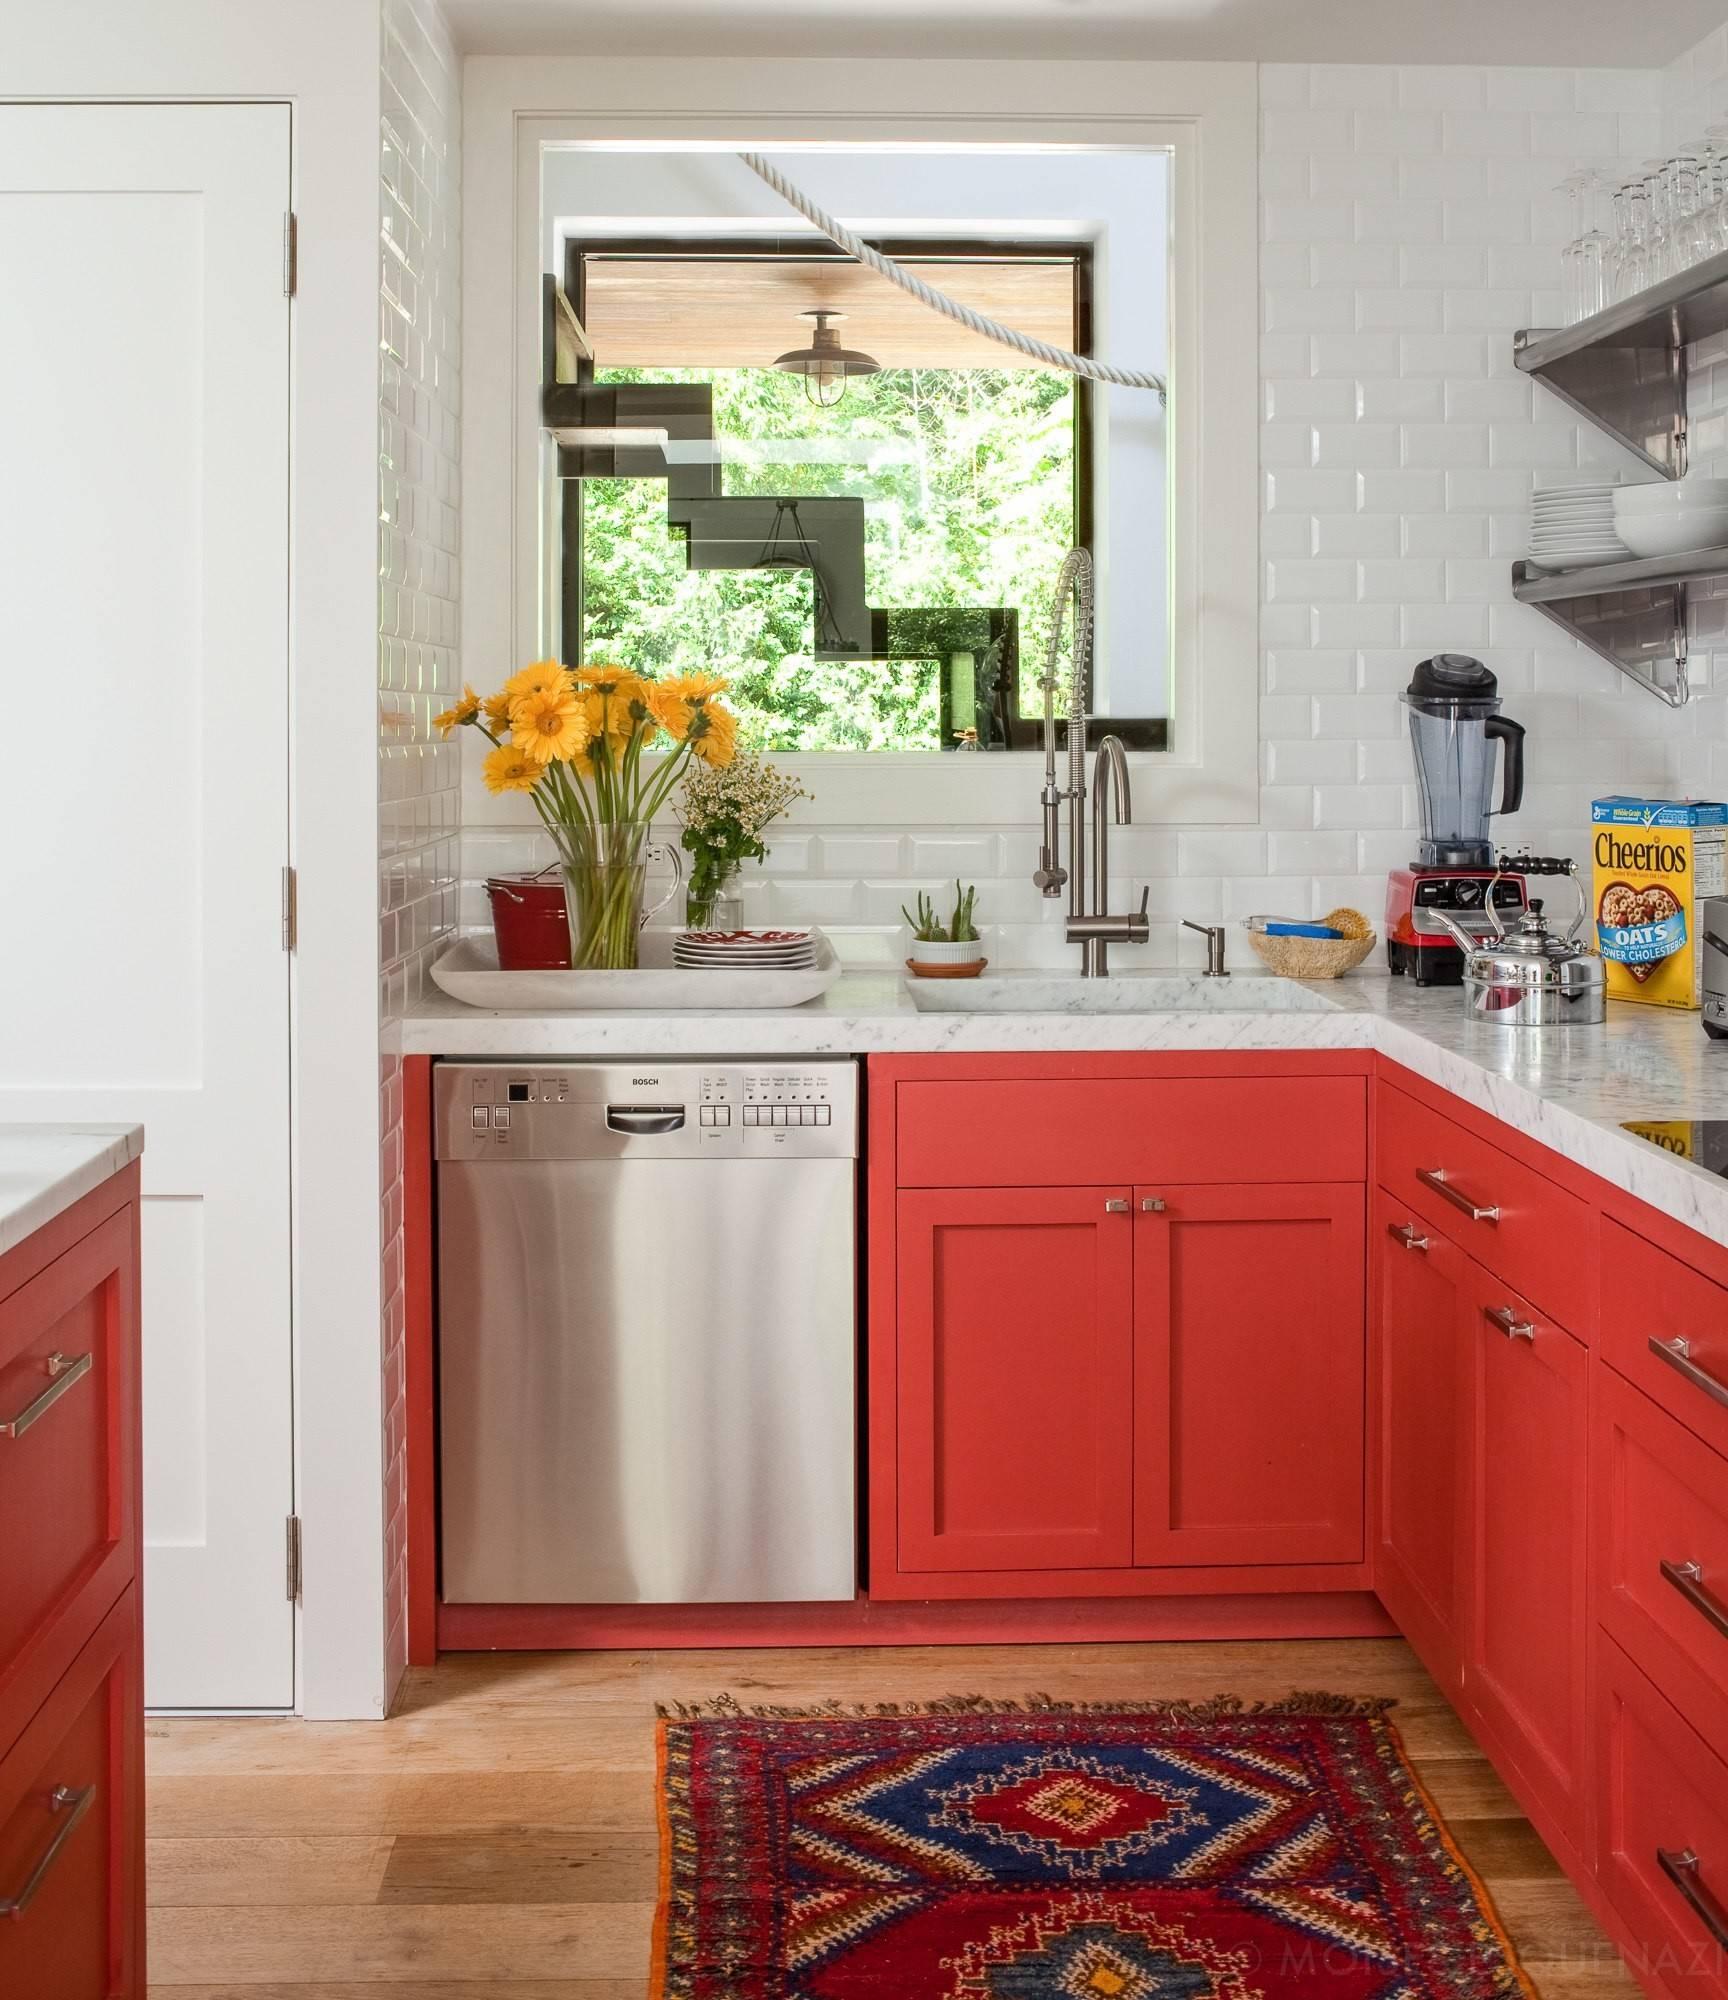 red cabinets and subway tile backsplash